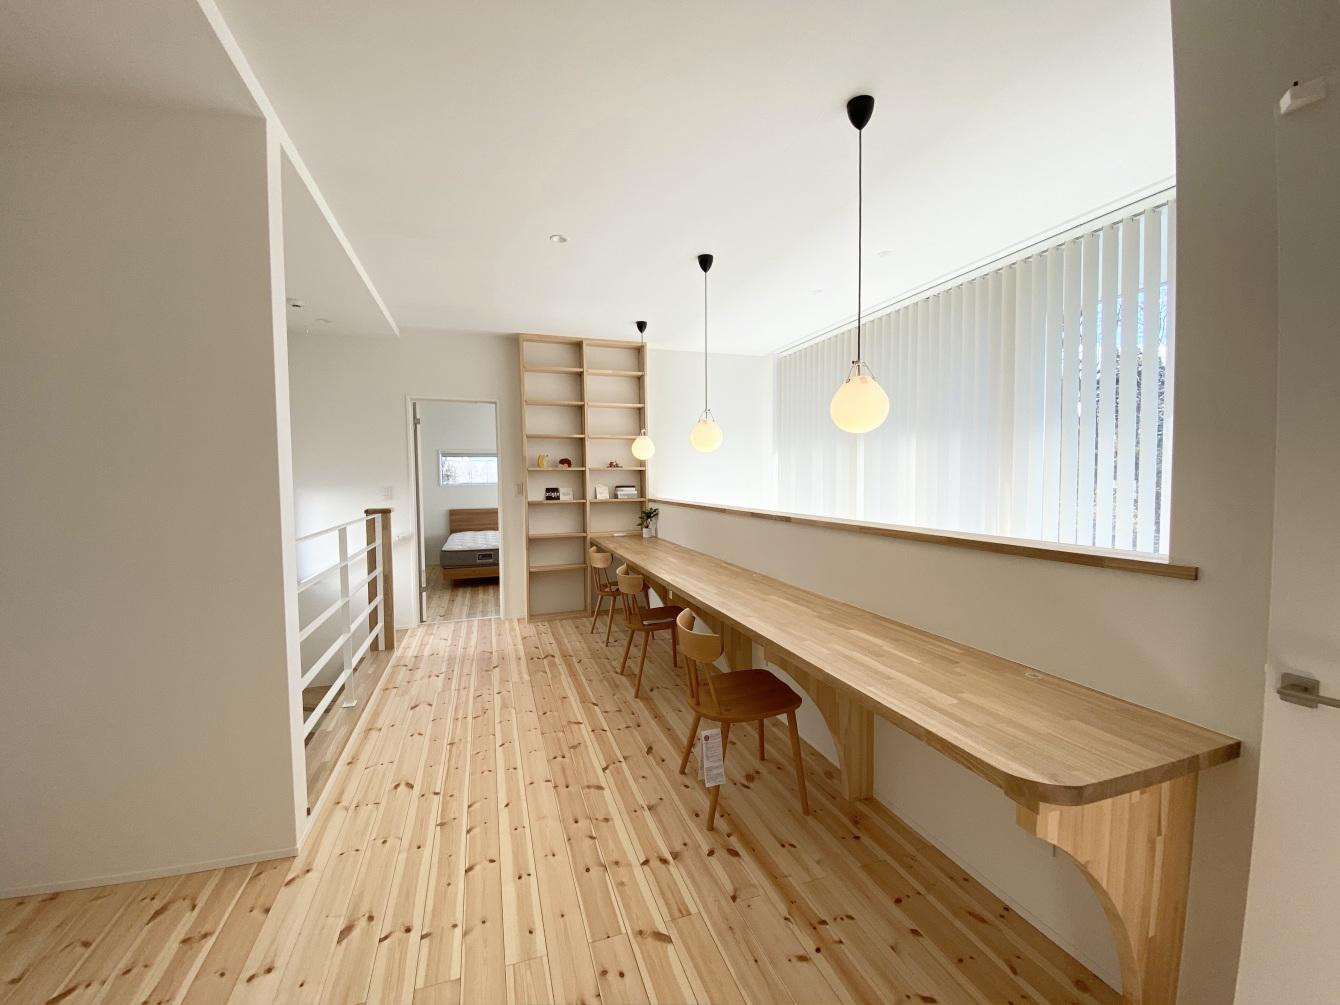 田村市の施工例、コンパクト&北欧デザインの家フリースペース